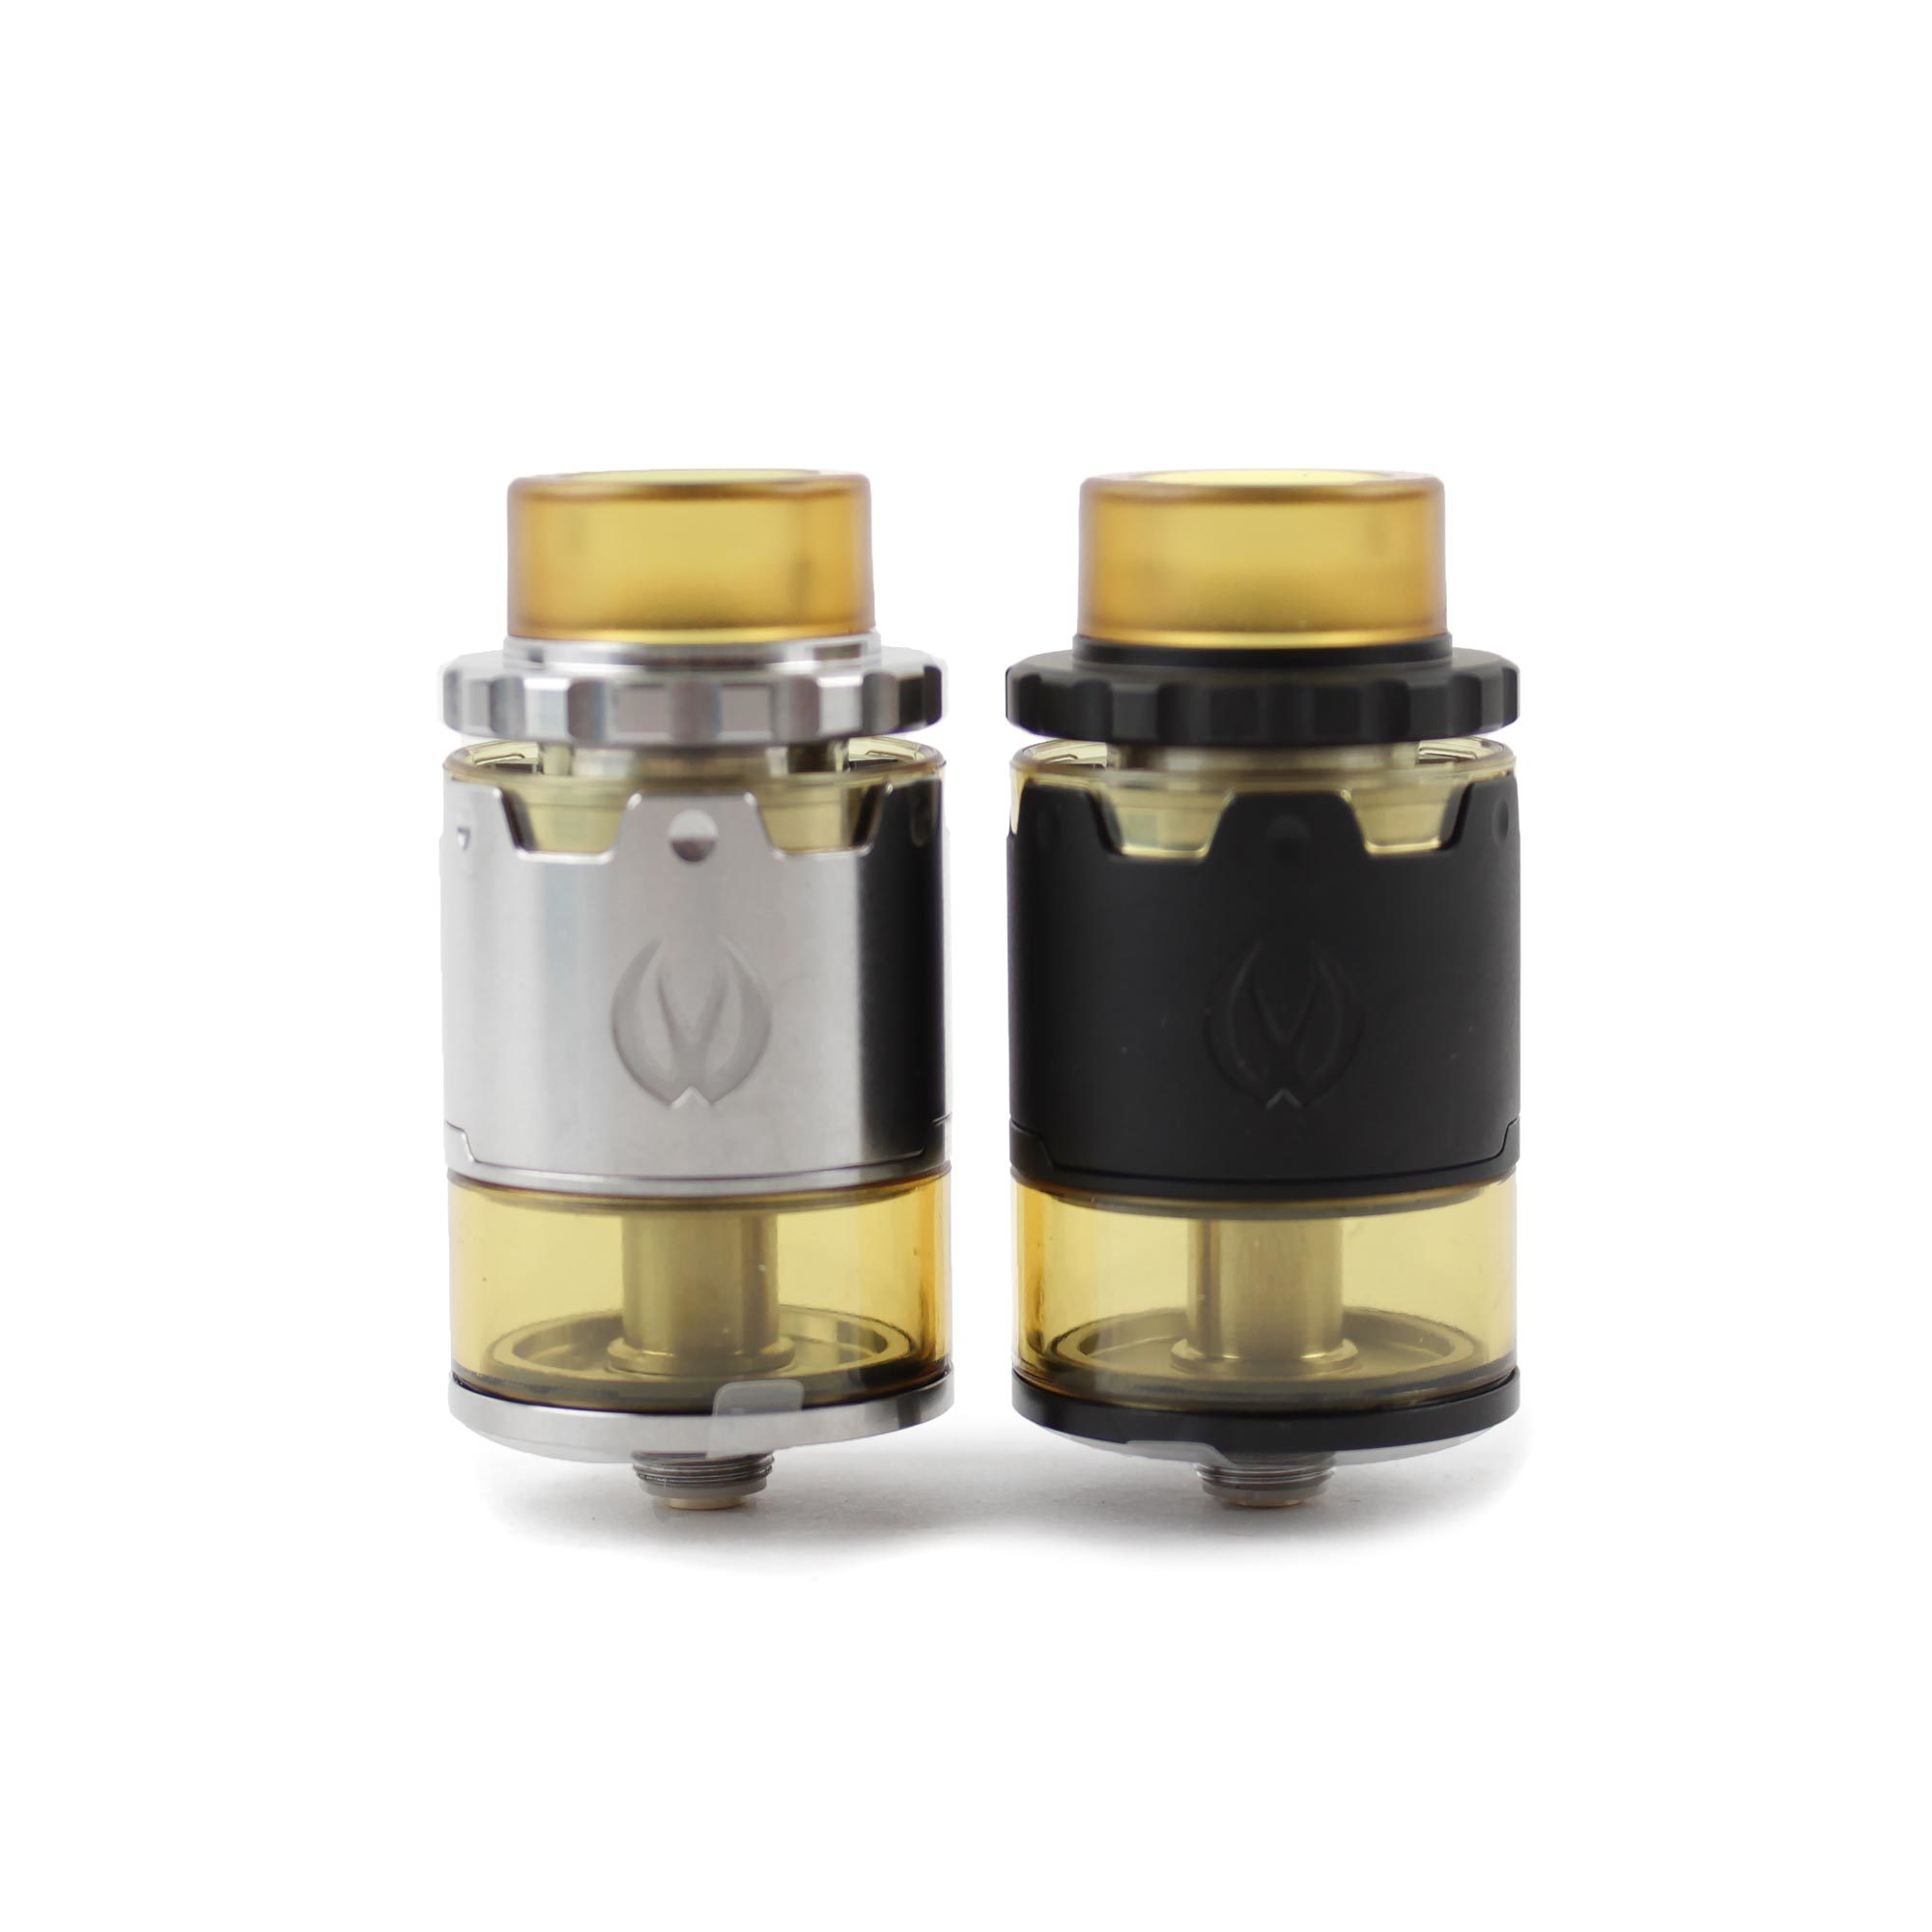 Vandy Vape Pyro V2 BF RDTA (Authentic)